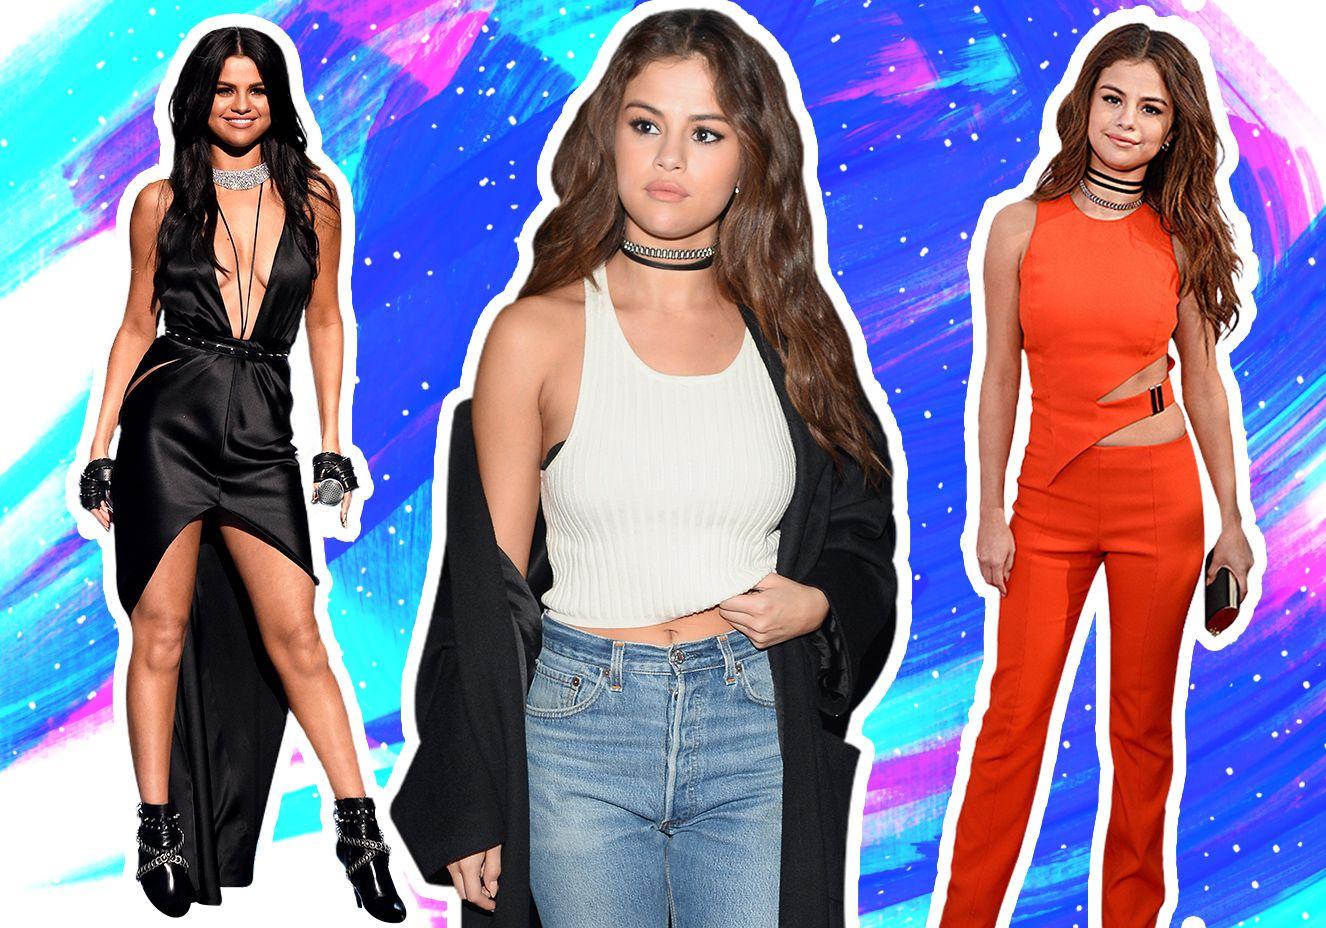 O estilo anos 90 incrível de Selena Gomez